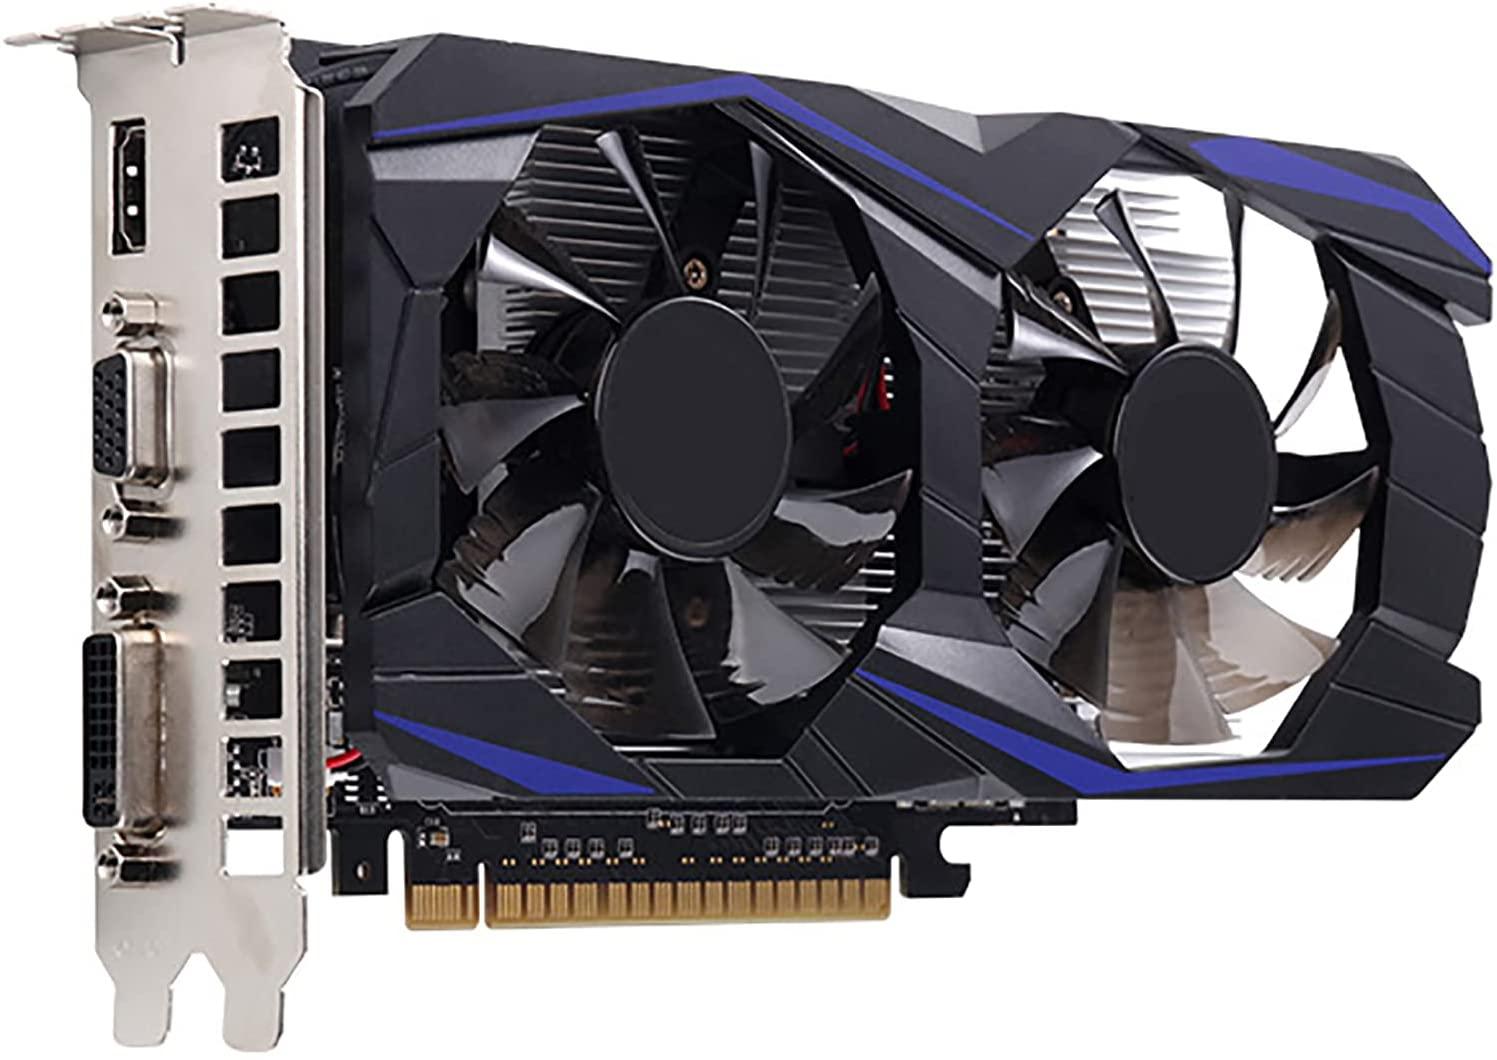 بطاقة جرافيكس للتعدين GTX1050Ti مع مروحة ذكية للتحكم في درجة الحرارة GDDR5 HD 128 بت لألعاب حاسوب شخصي مكتبي